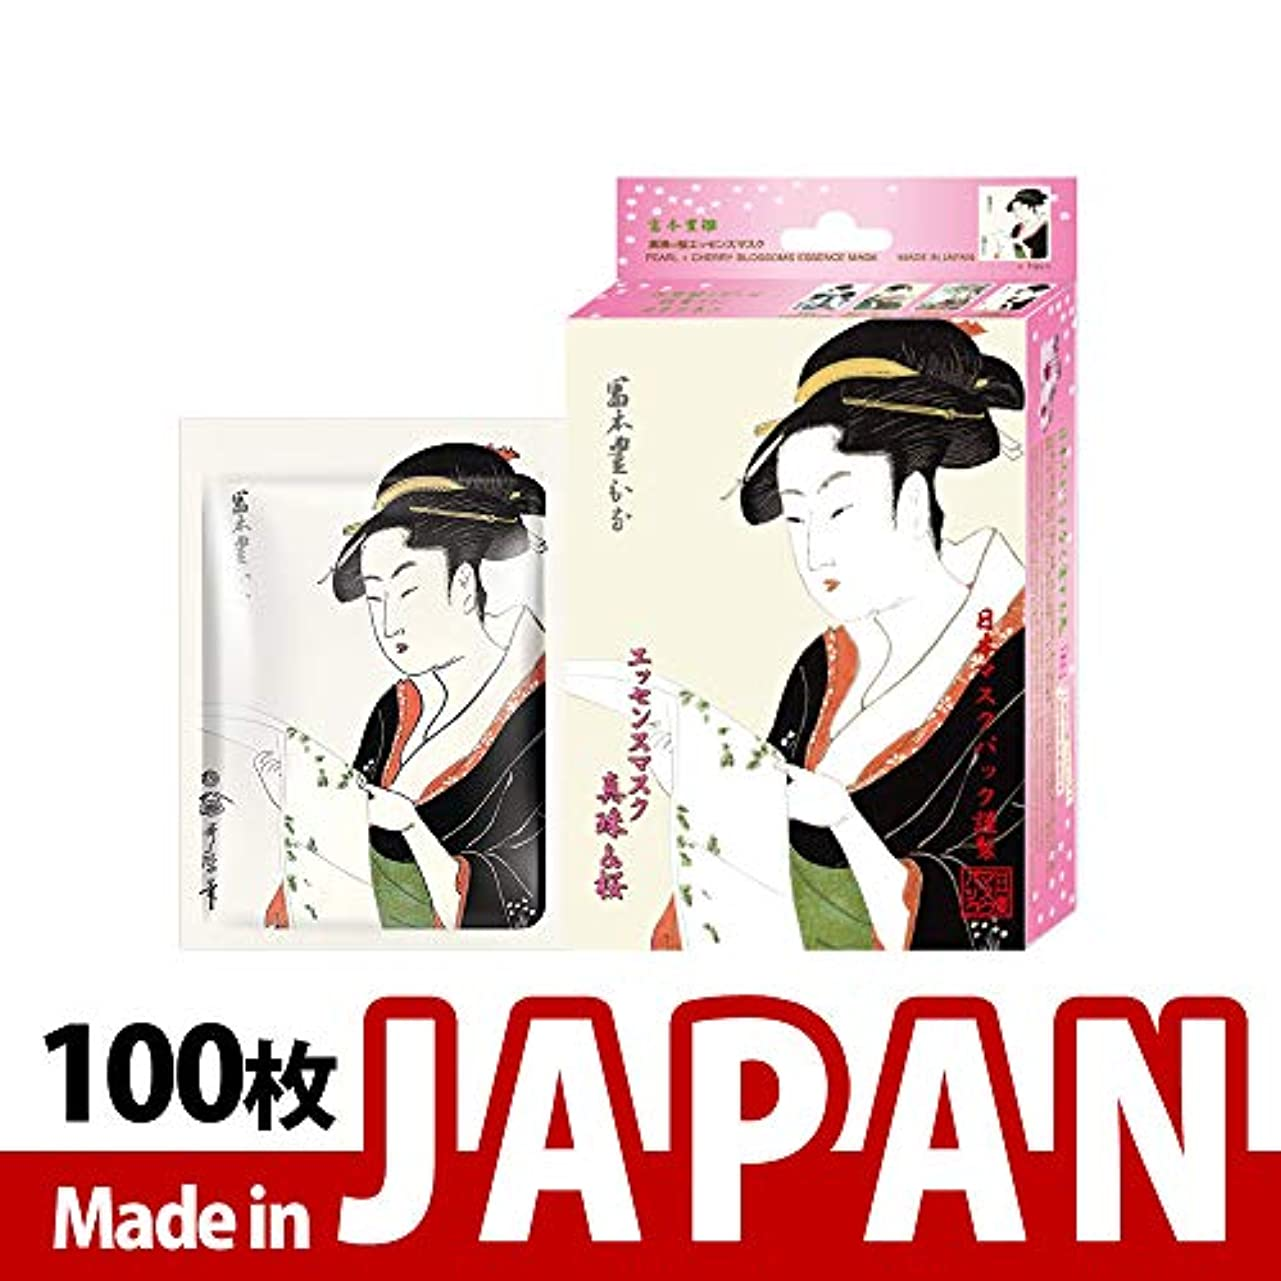 キャリア狂乱武器【JP004-A-3】シートマスク/10枚入り/100枚/美容液/マスクパック/送料無料